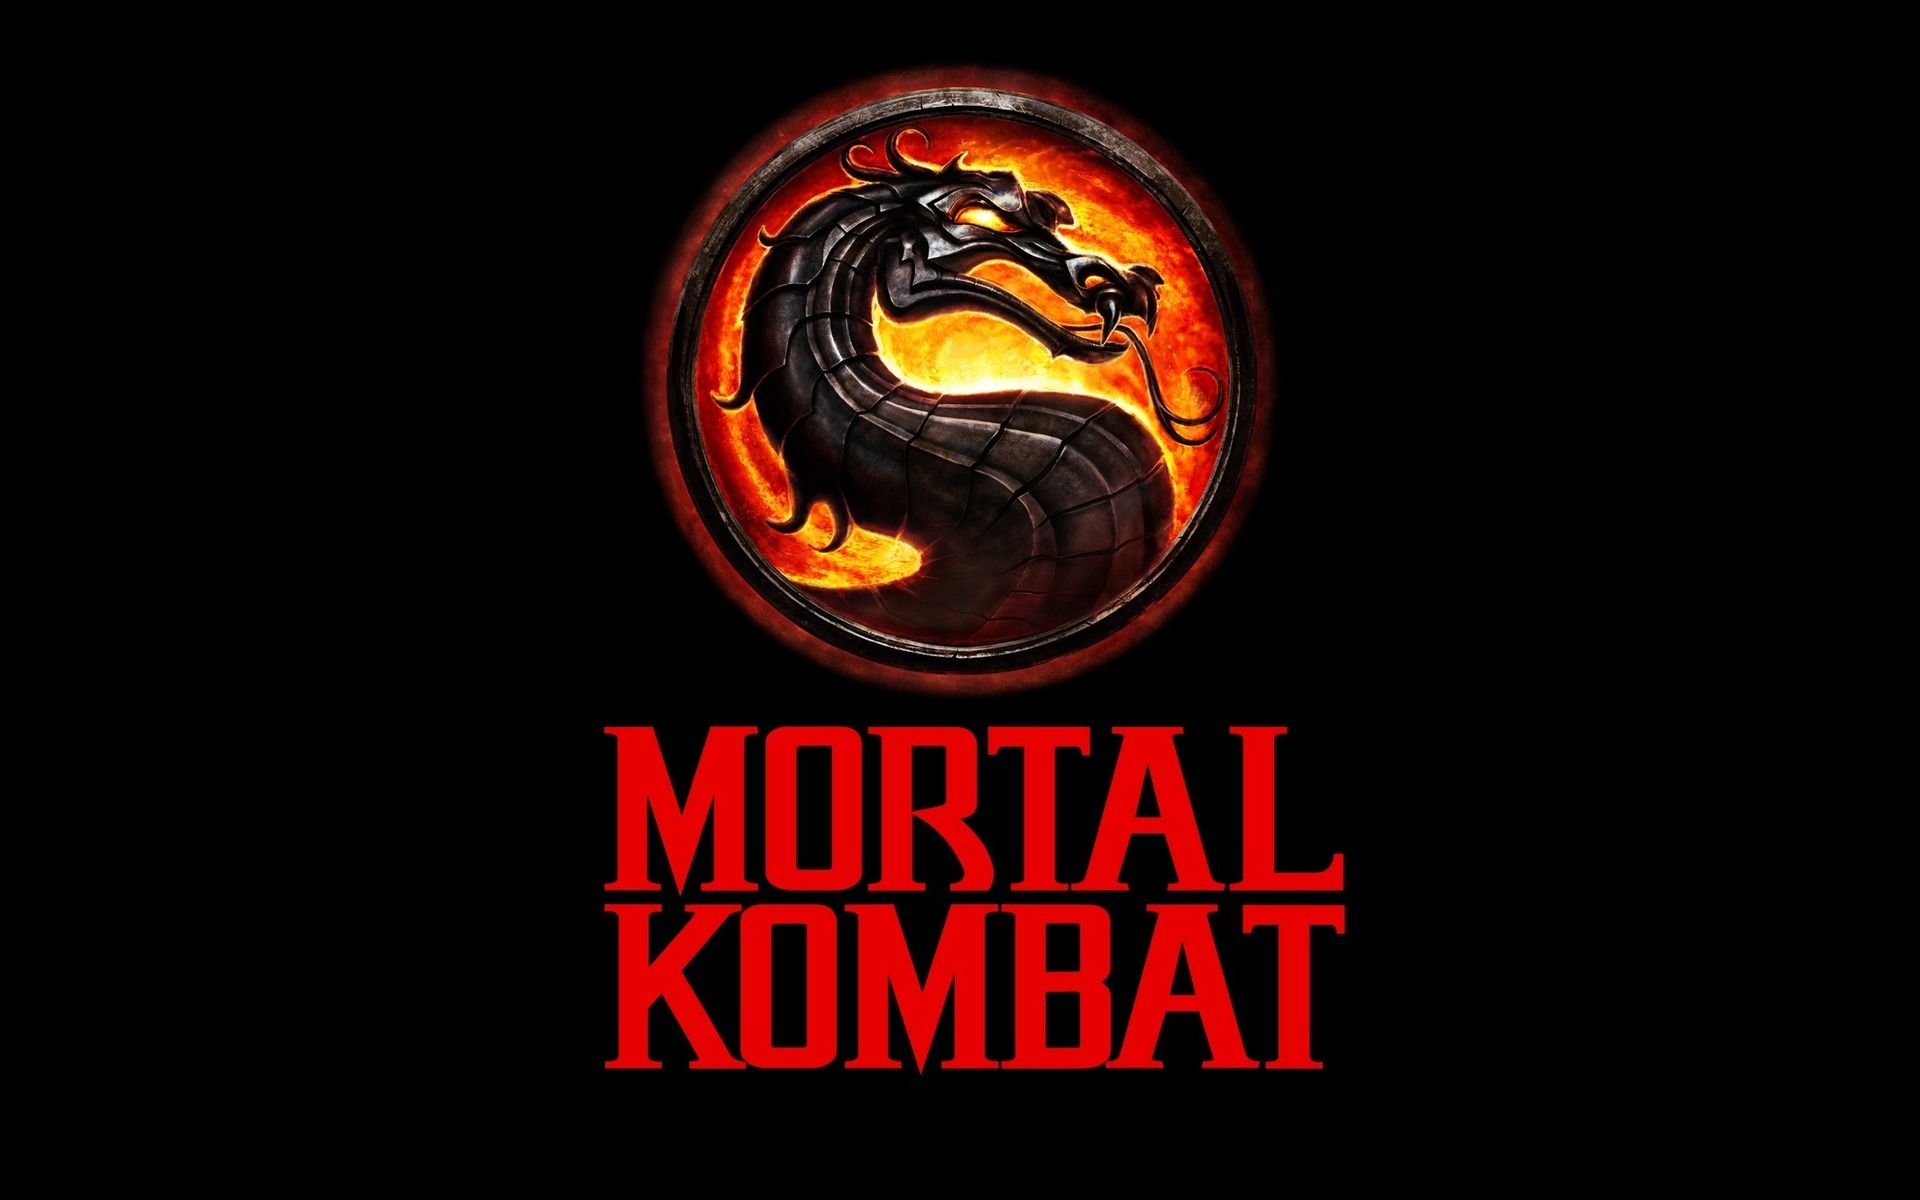 11629 Hintergrundbild herunterladen Spiele, Logos, Mortal Kombat - Bildschirmschoner und Bilder kostenlos